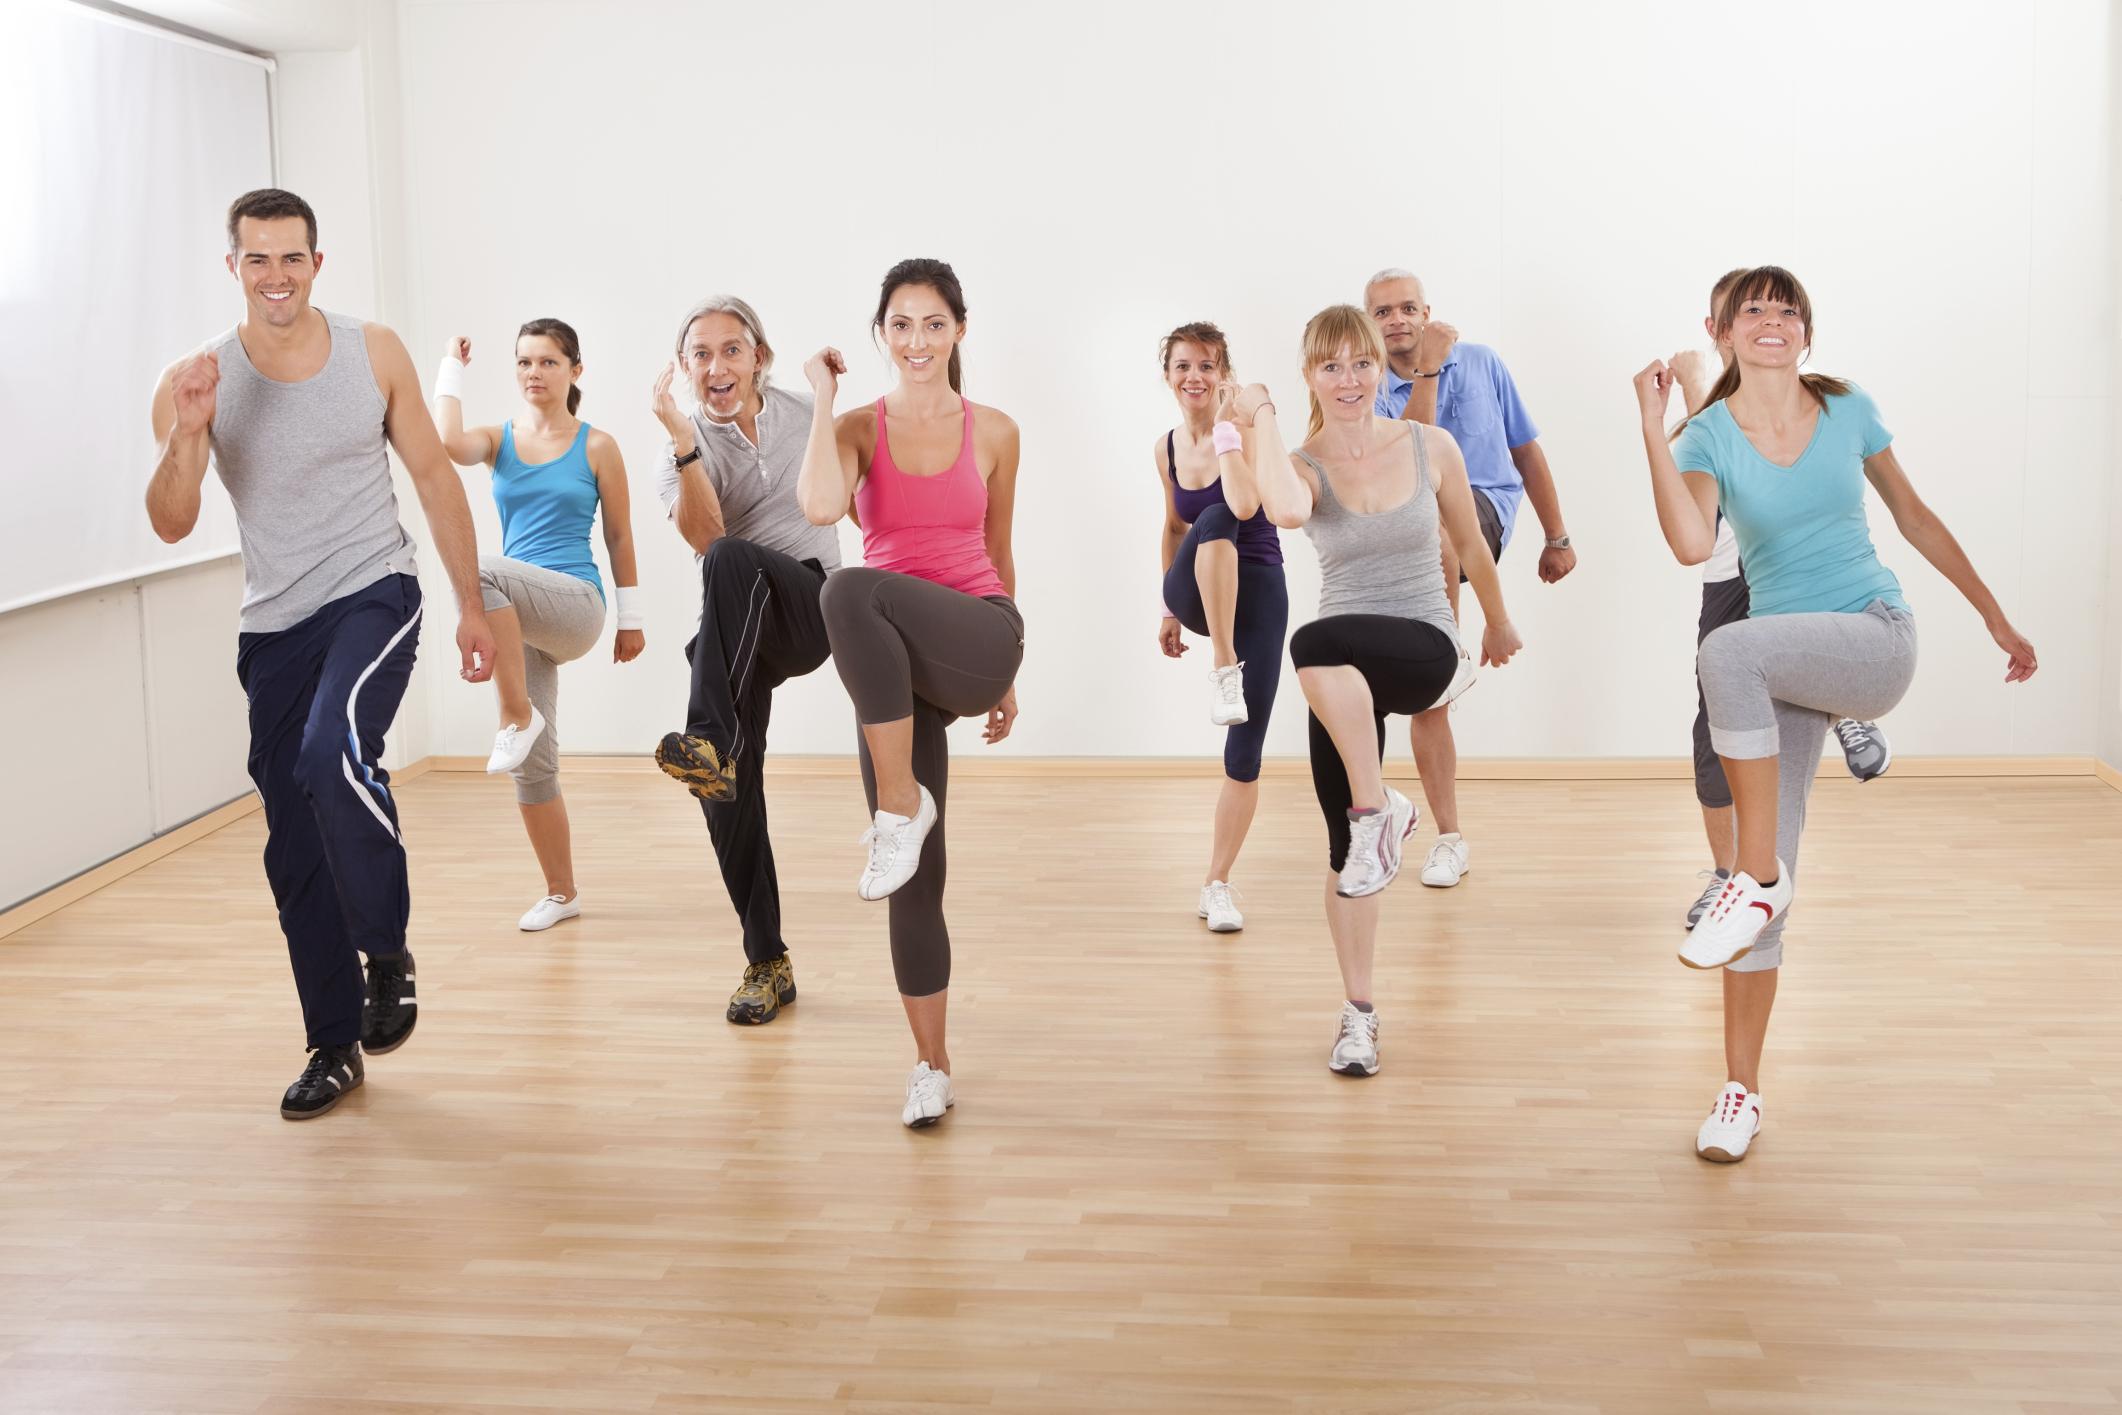 Ejercicios aeróbicos de bajo impacto tonifican tus músculos